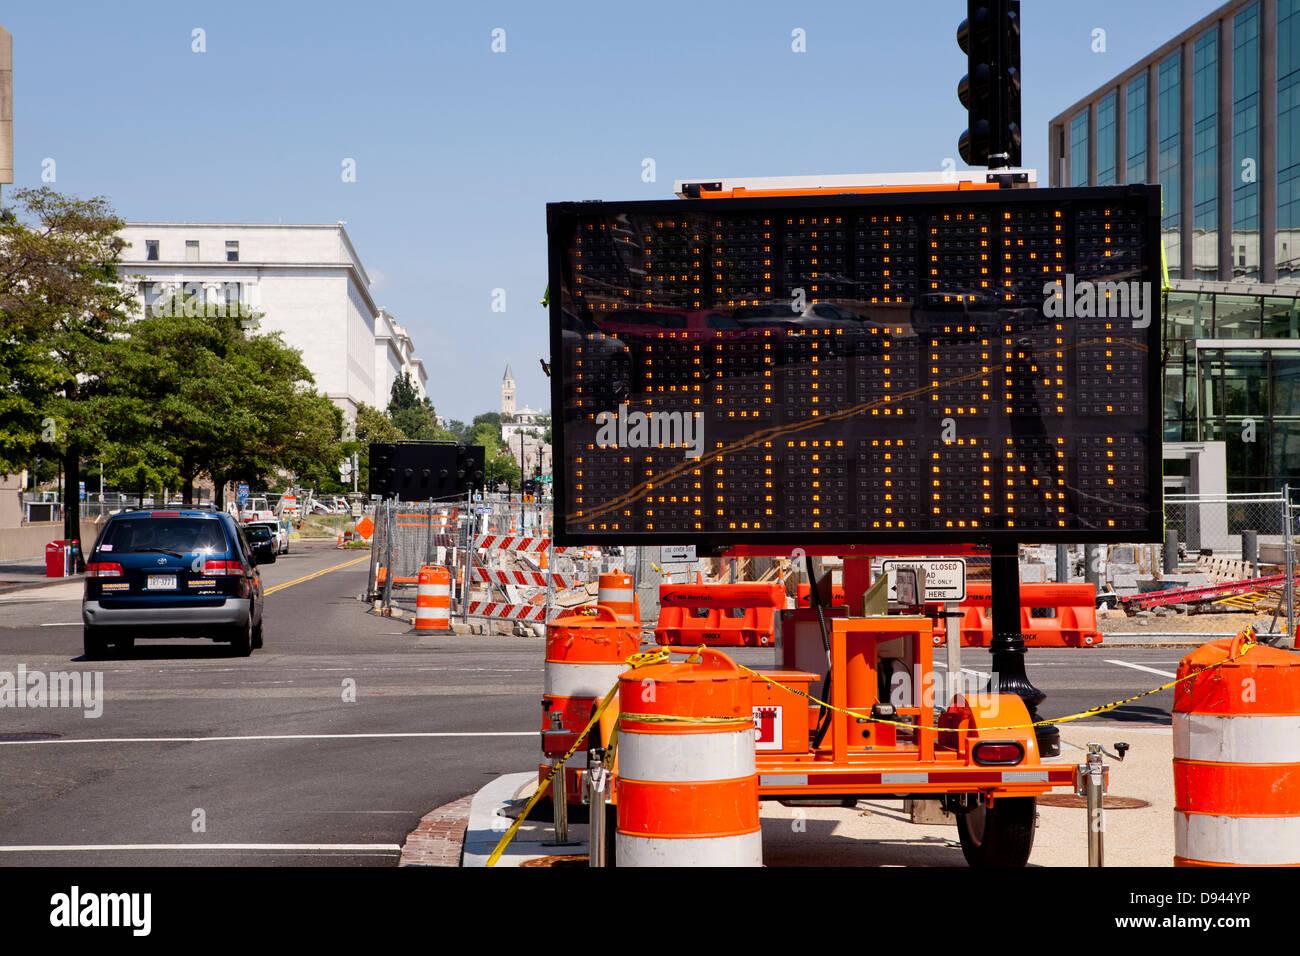 Attenzione lavori in corso segno - USA Immagini Stock